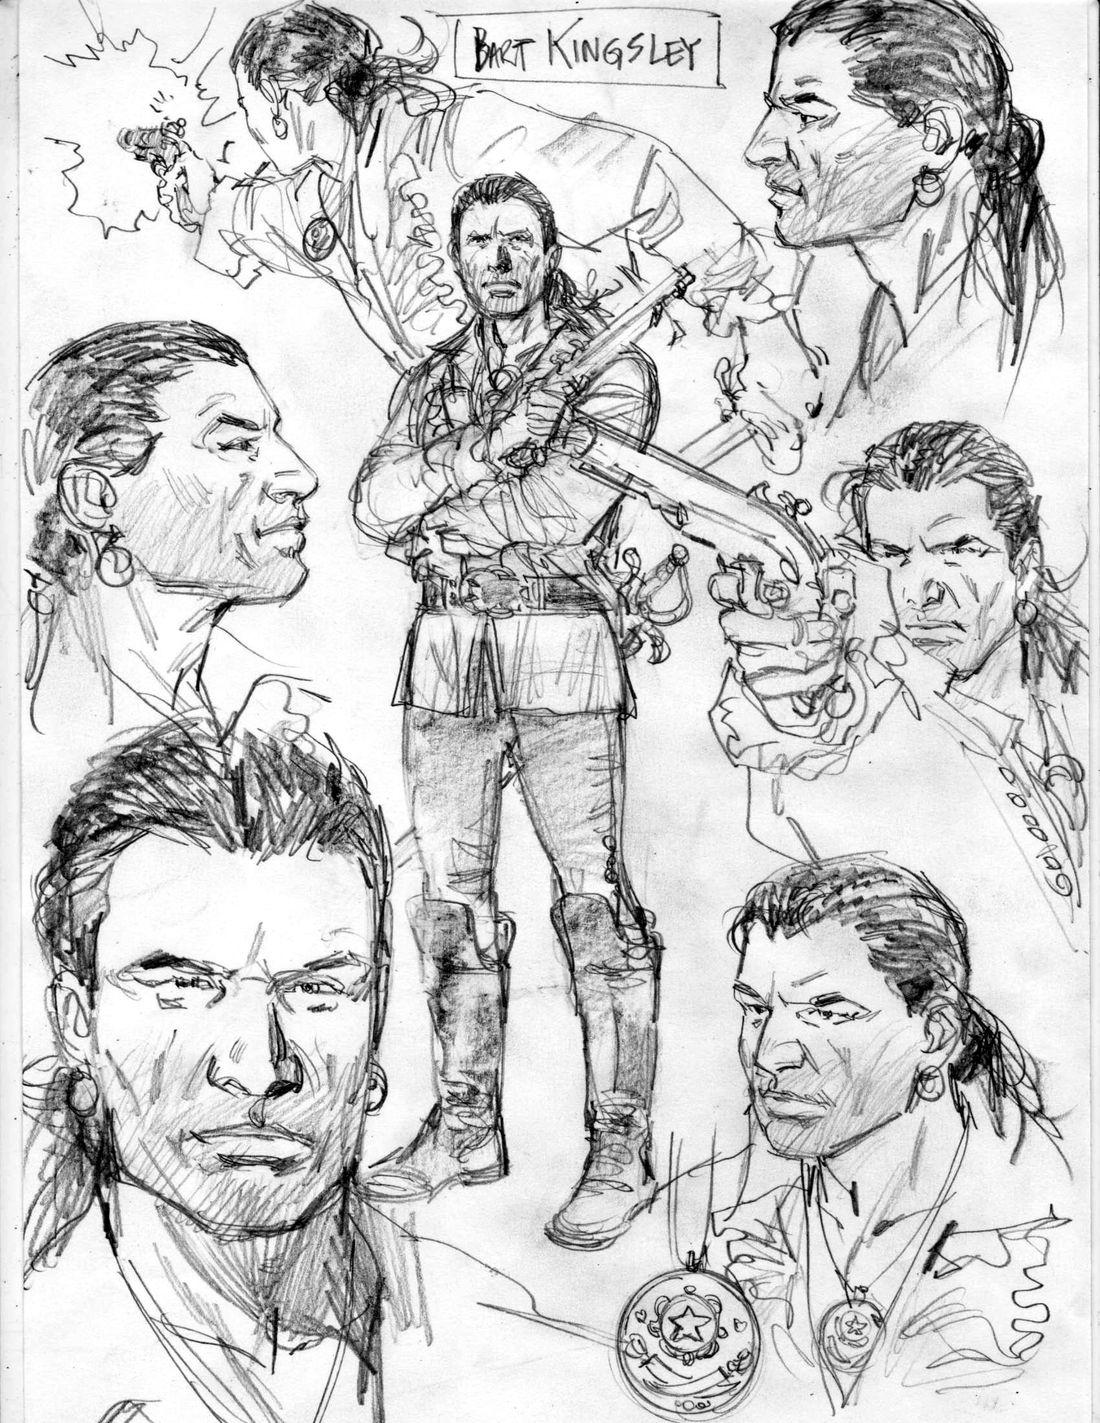 l'Art du Crime, tome 3, recherche de personnage, Bart Kingsley © Pedro Mauro